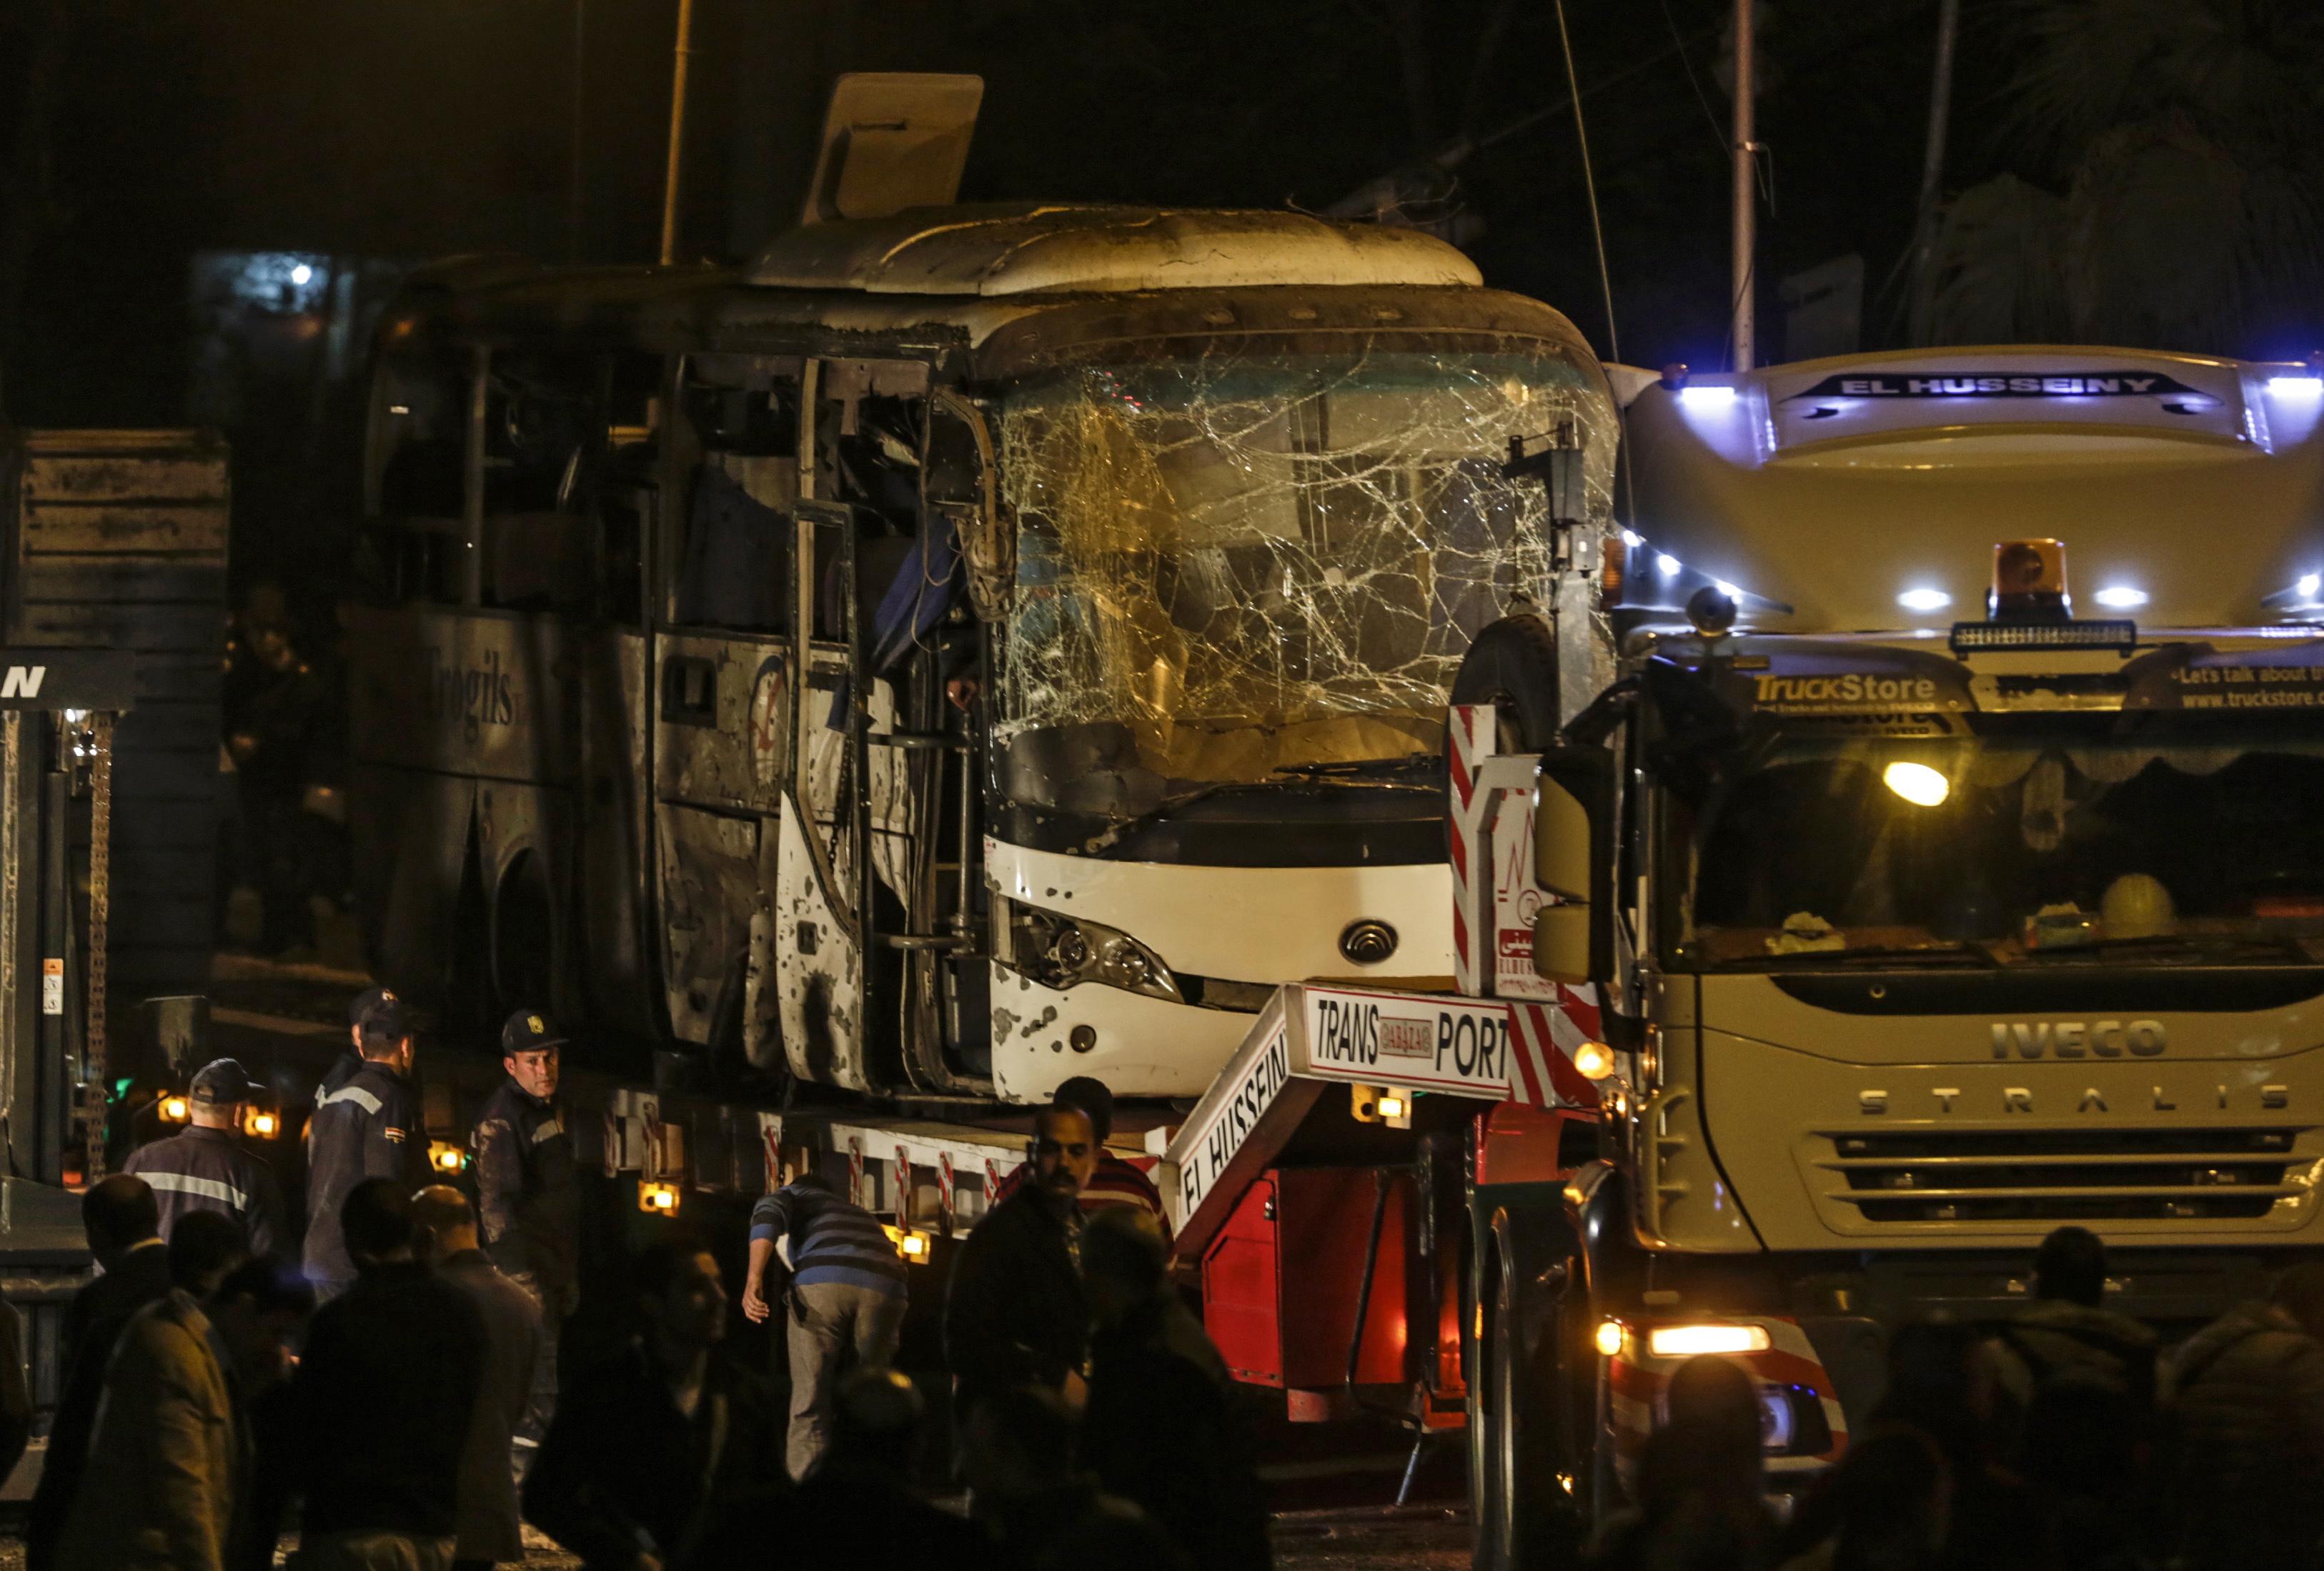 Egipatske snage sigurnosti nakon terorističkog napada ubile 40 militanata